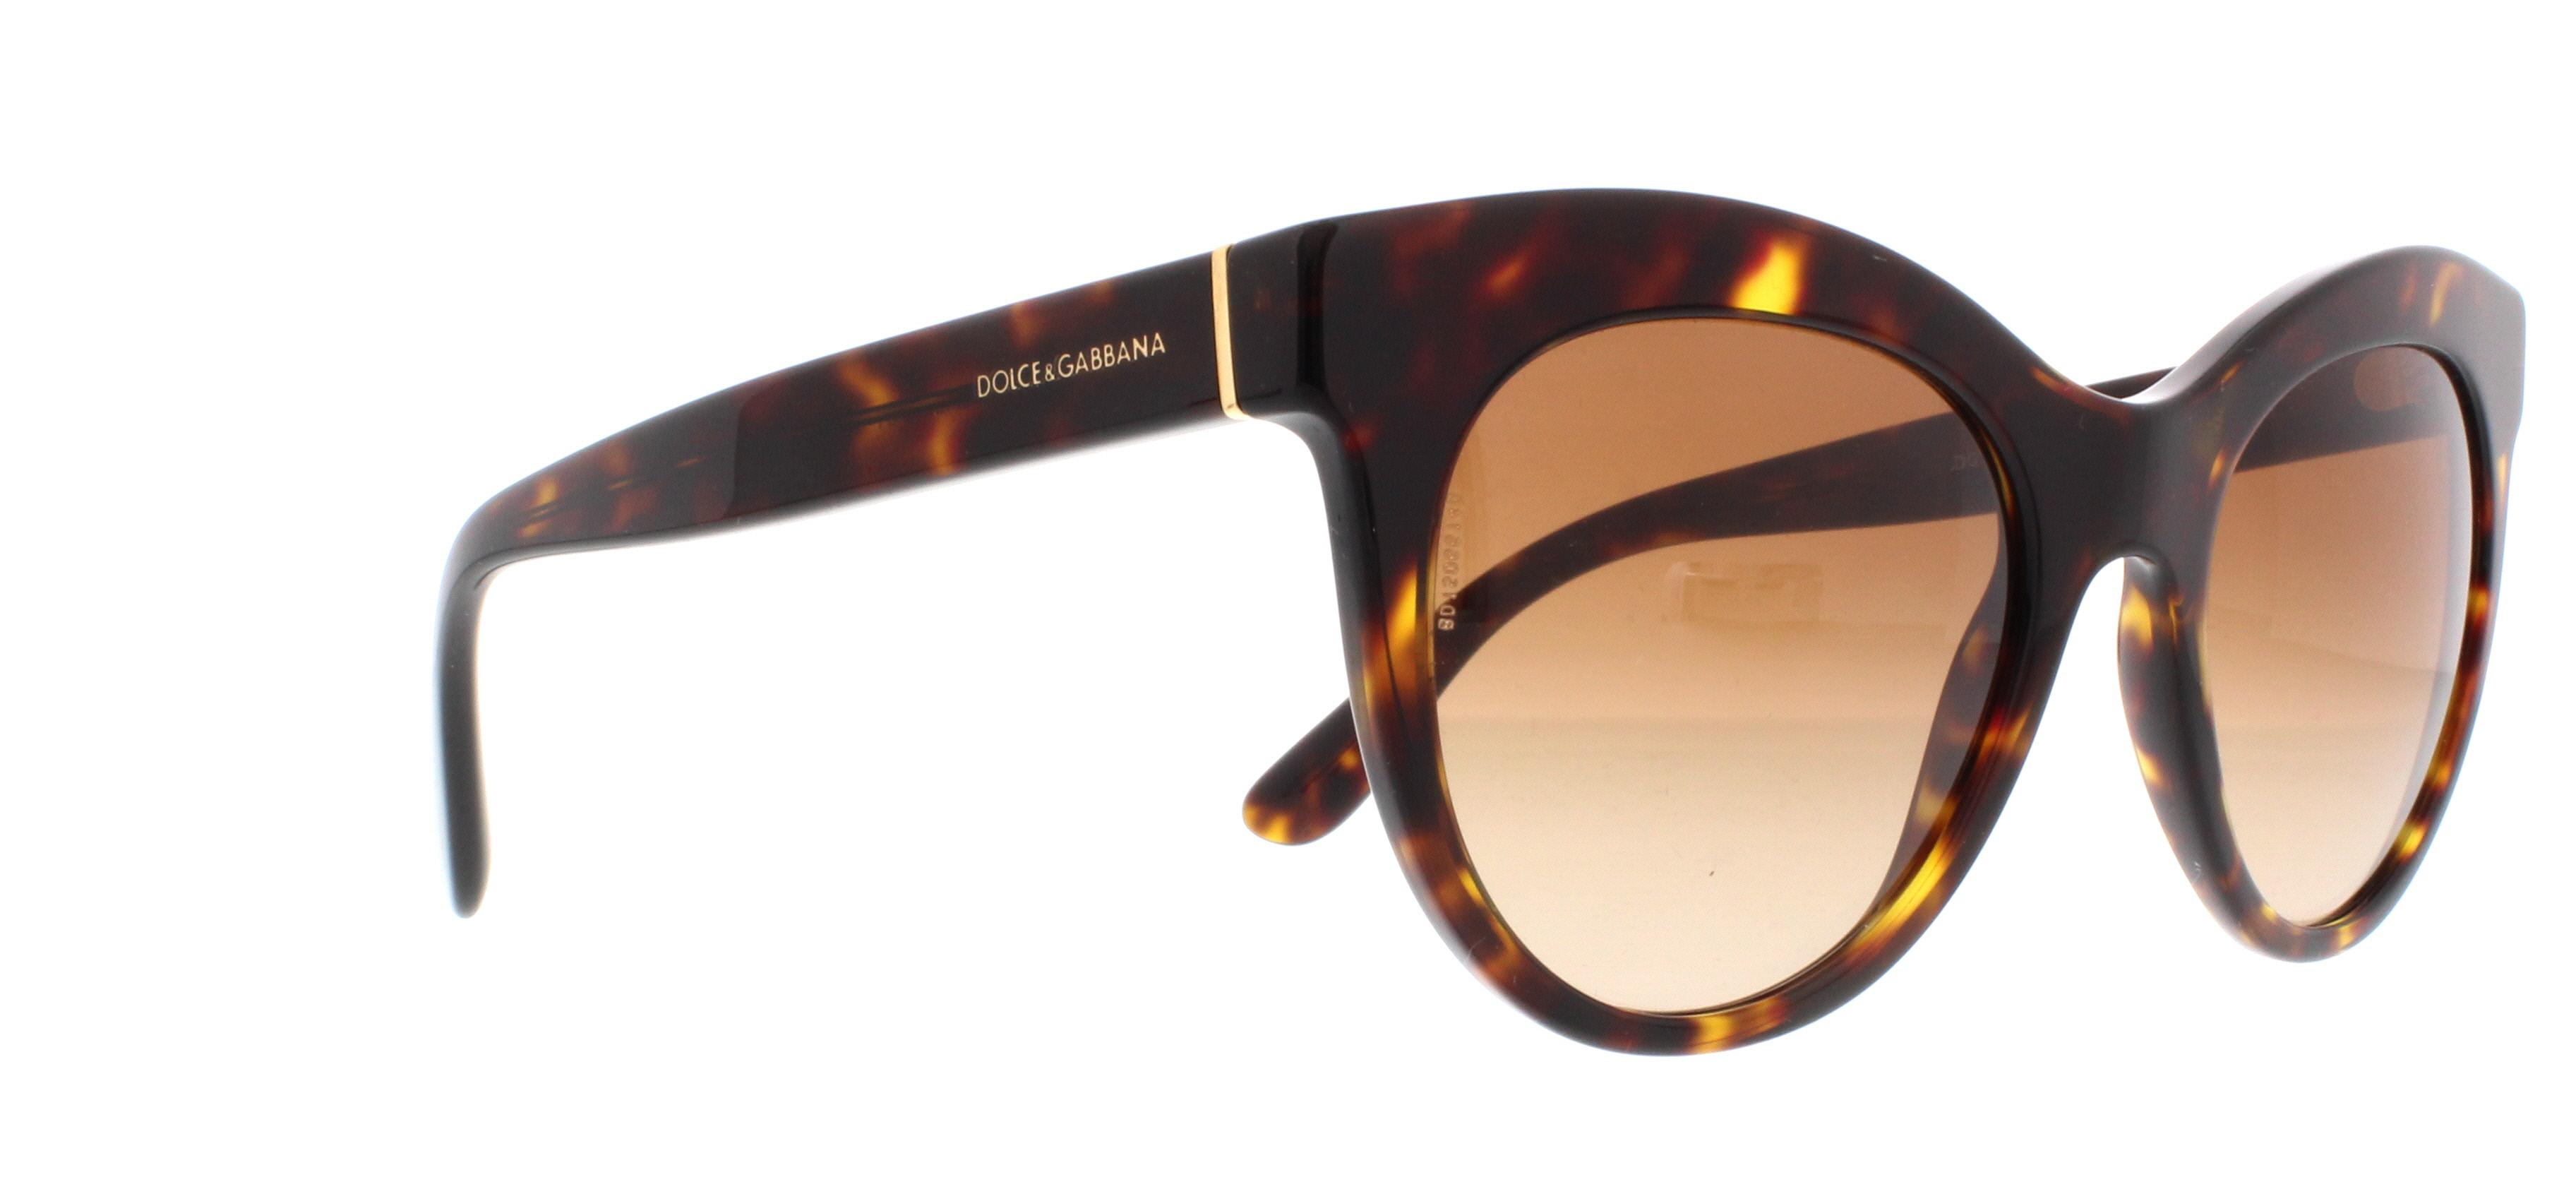 Dolce and Gabbana DG4311 Sonnenbrille Havanna 502/13 51mm 2bu1kCn